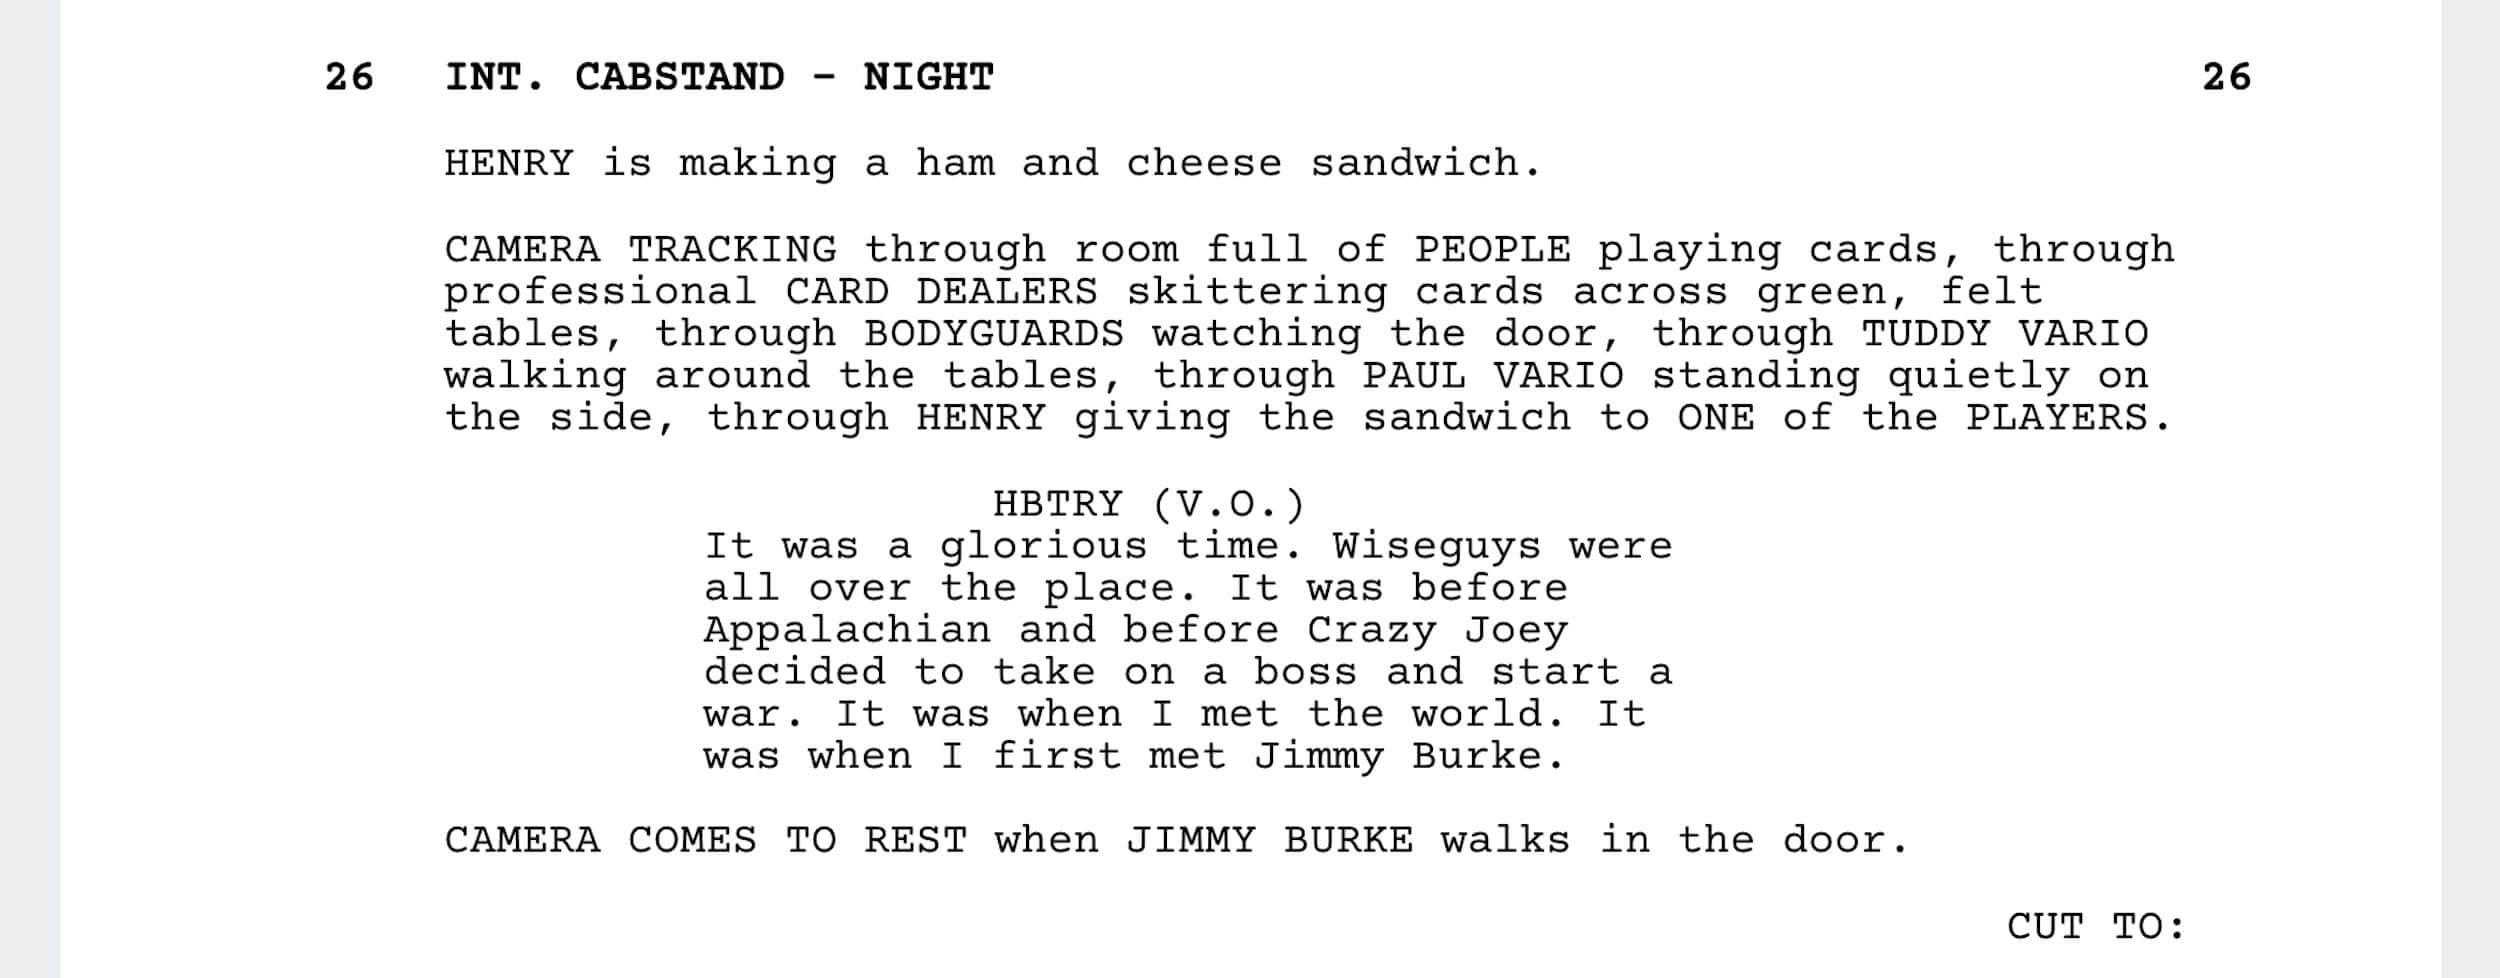 Goodfellas Script Teardown - Goodfellas Jimmy the Gent - StudioBinder - Screenwriting